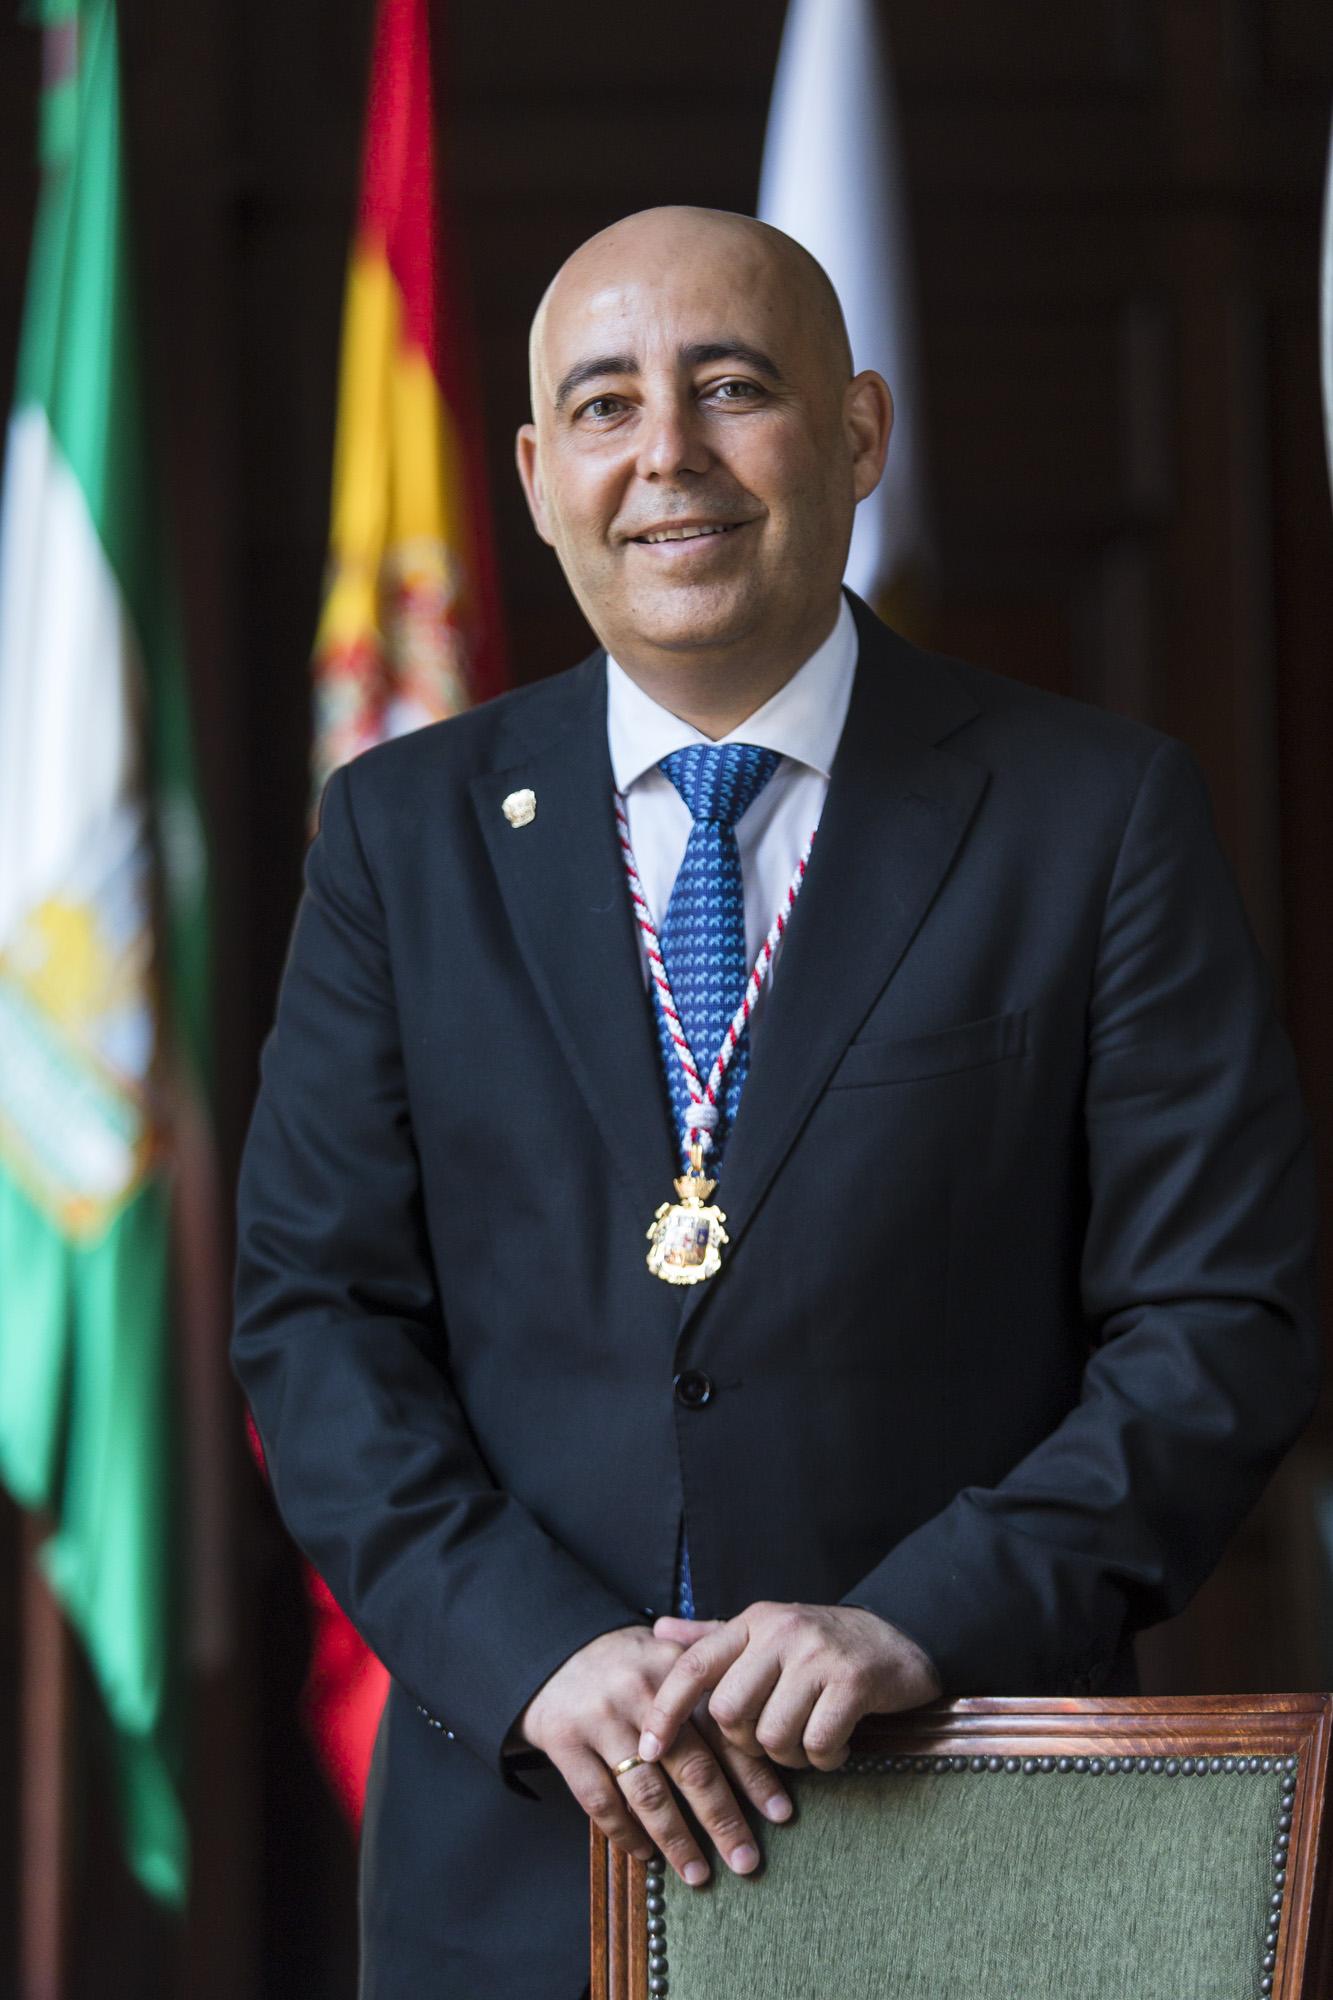 Domingo Fernández Zurano